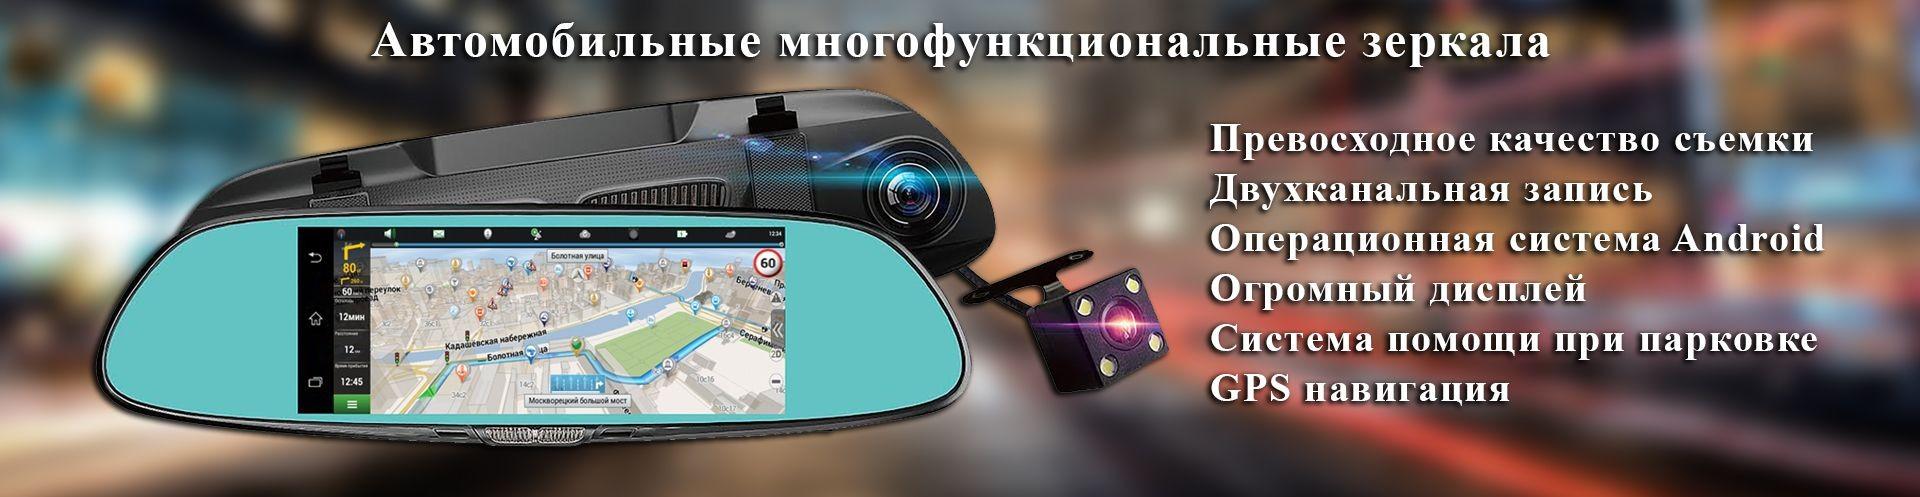 Многофункциональные автомобильные зеркала